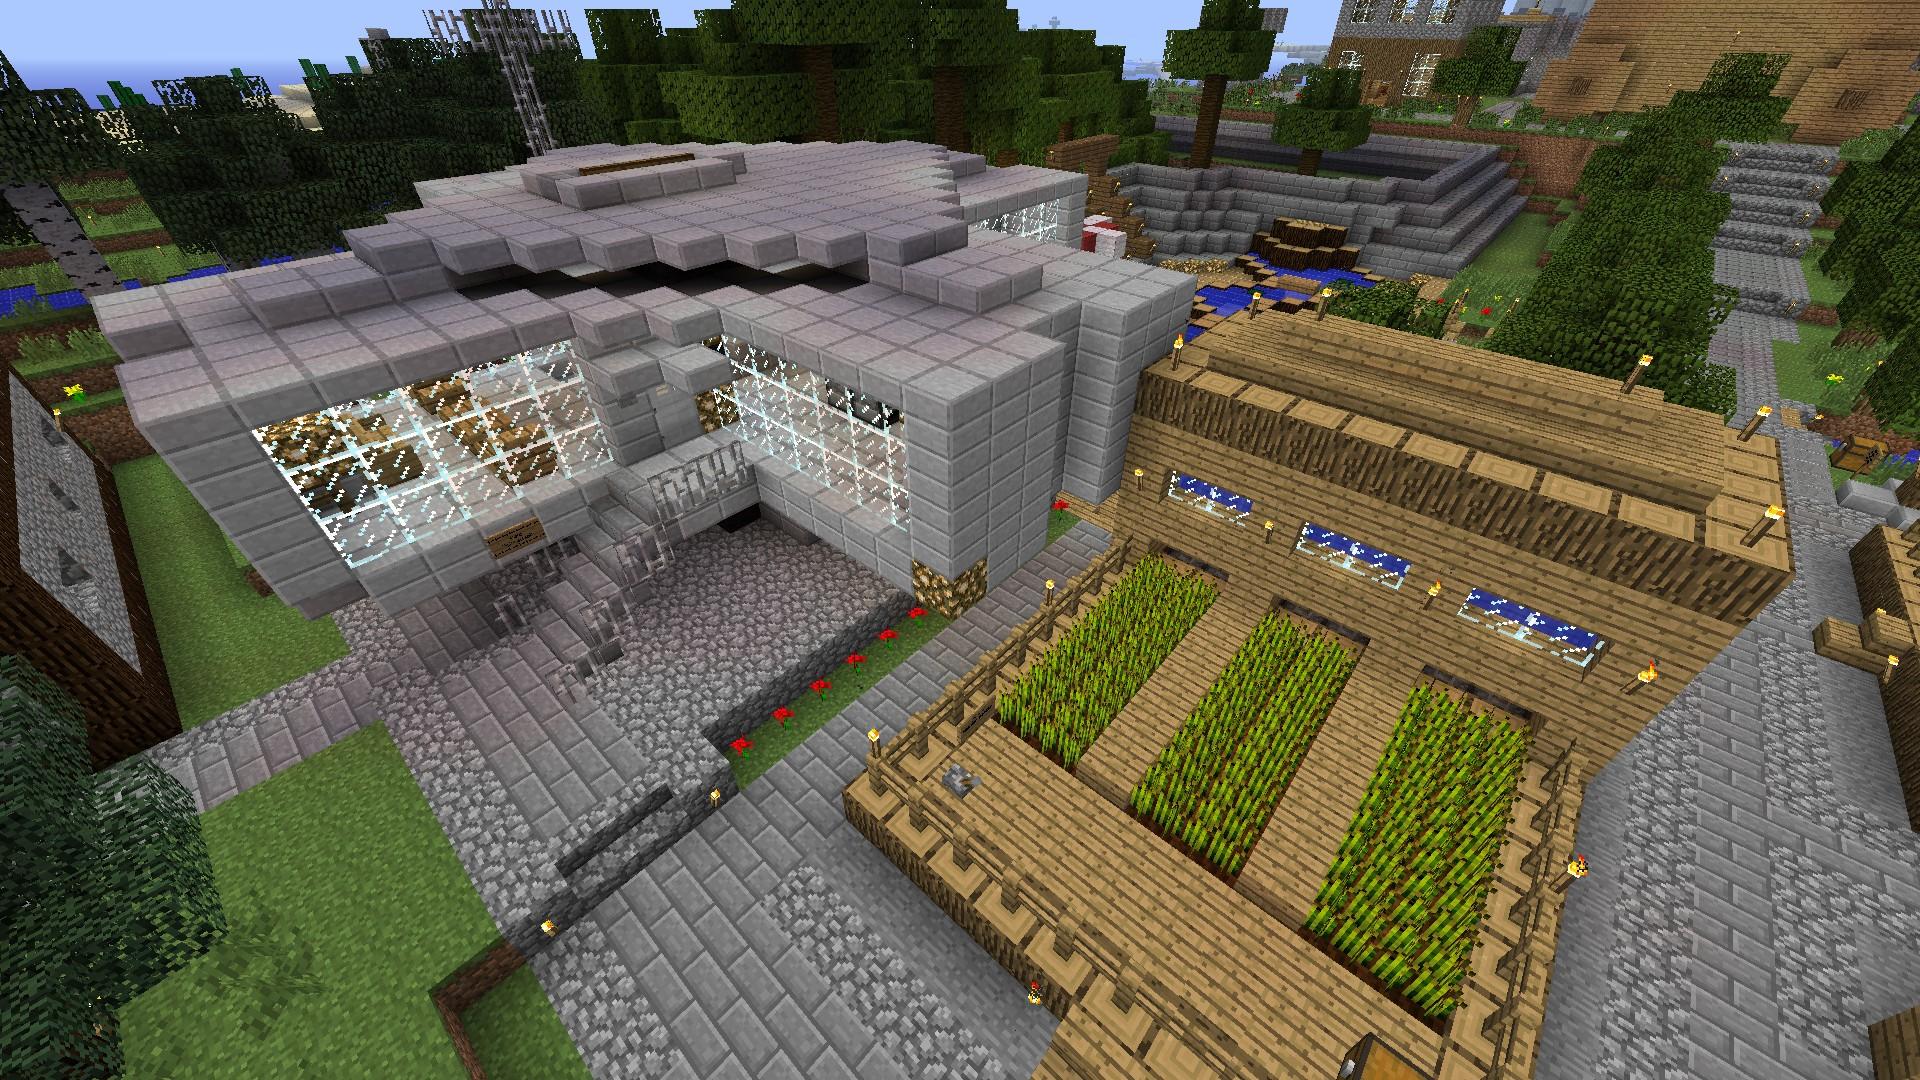 Minecraft Millionen Mal Verkauft News GamersGlobalde - Minecraft verkaufte spiele